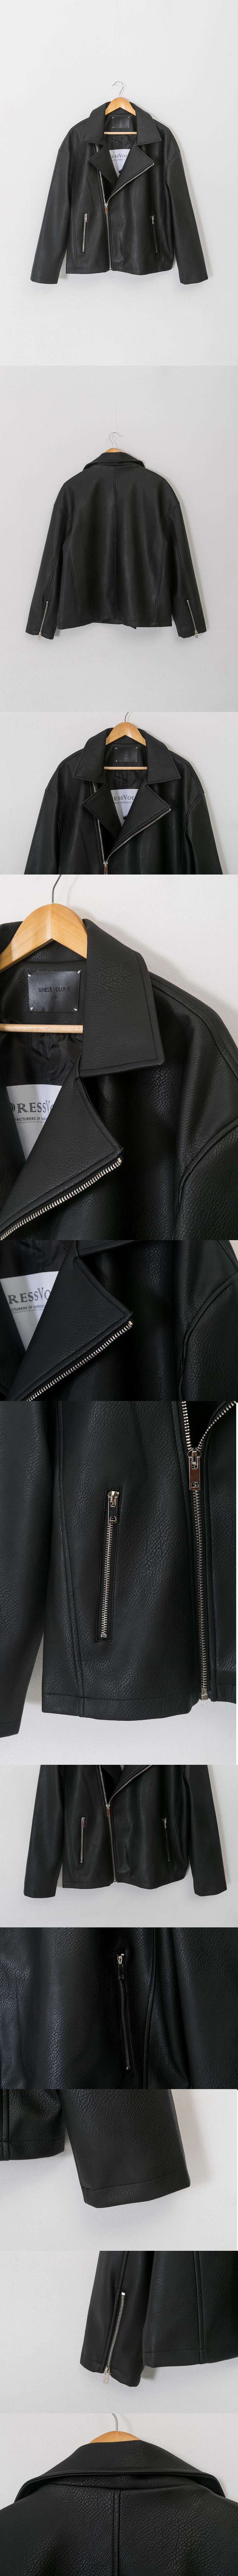 레이디 볼륨(LADY VOLUME) [남여공용]19 overfit riders  jacket